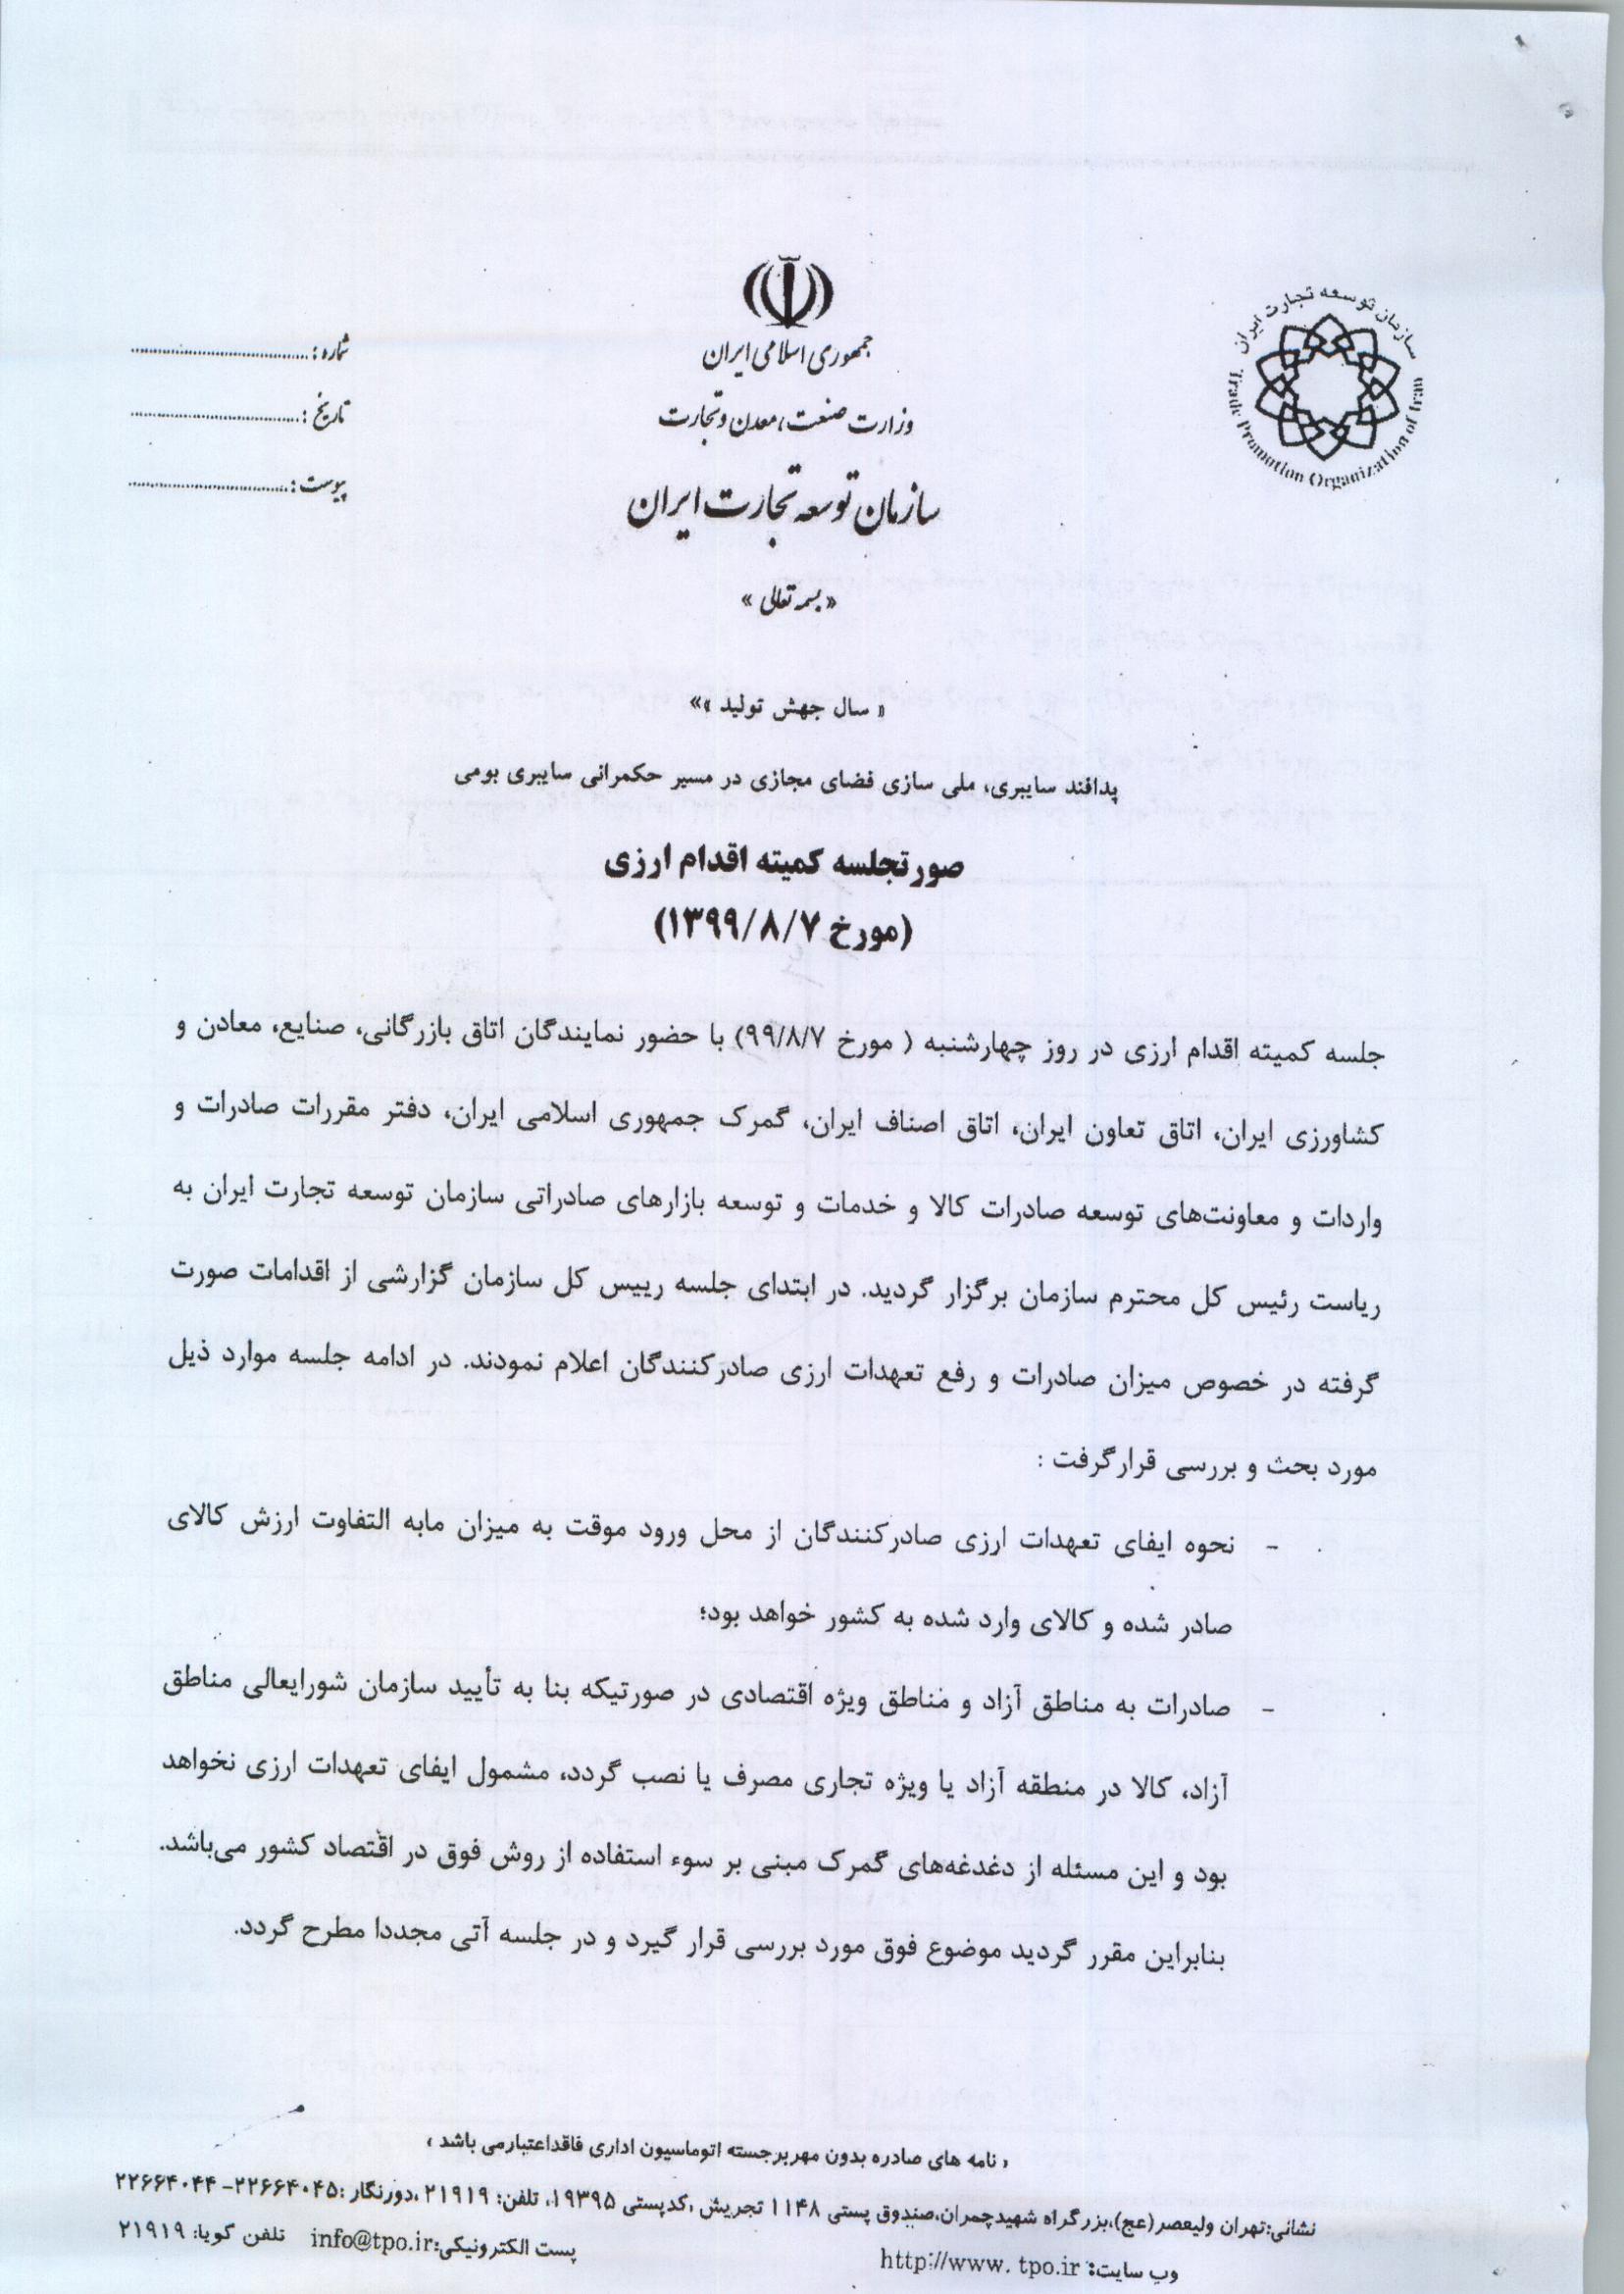 مصوبات کمیته اقدام ارزی